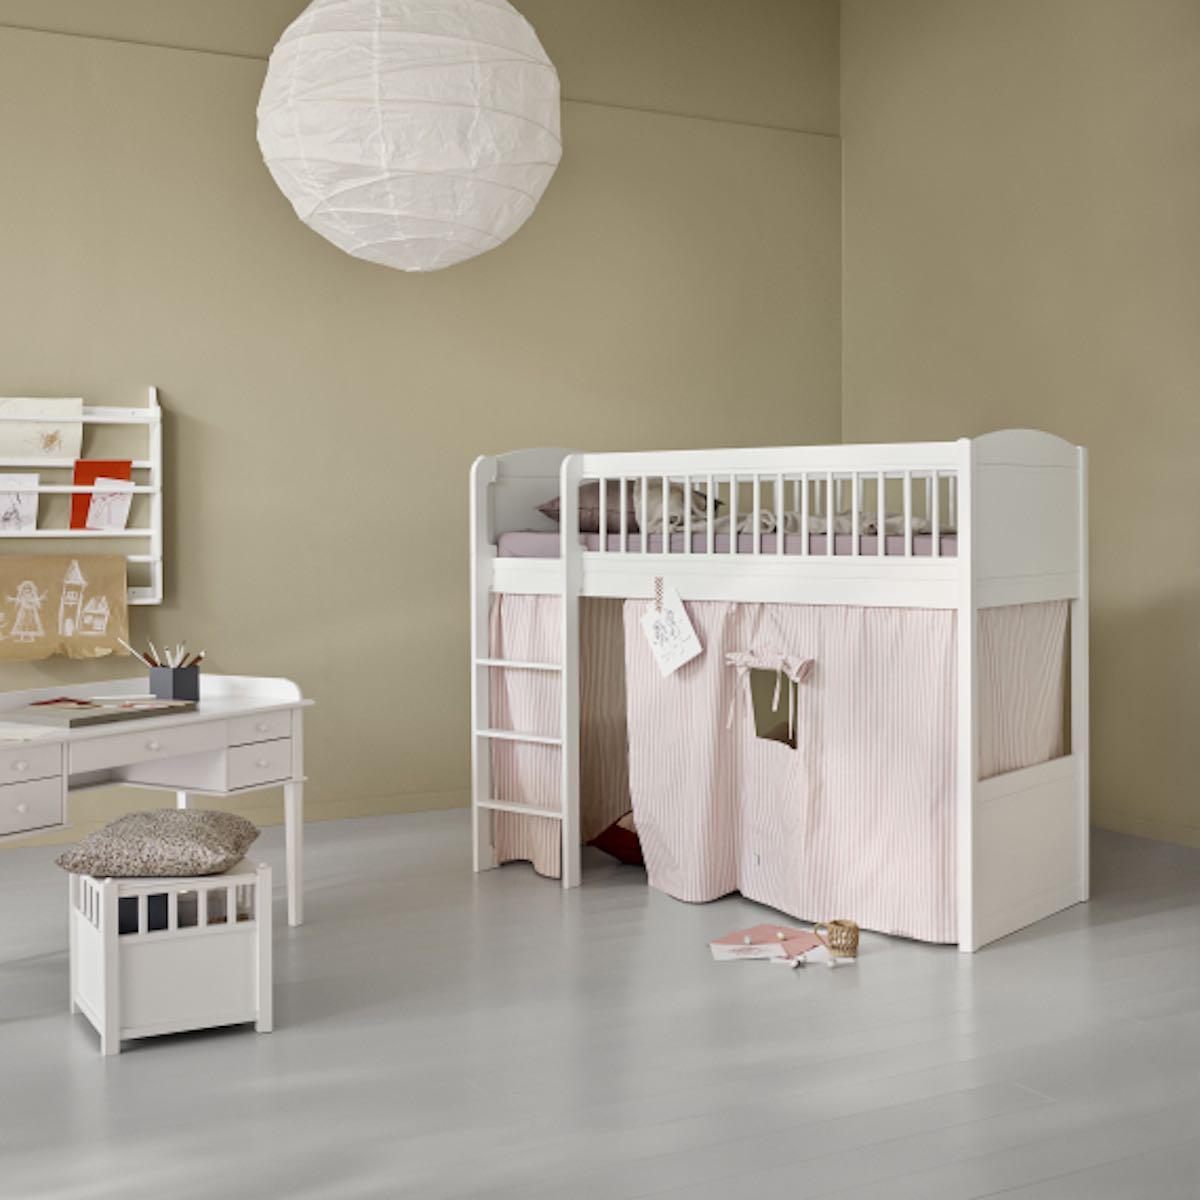 Rideau de lit LILLE + Oliver Furniture nature